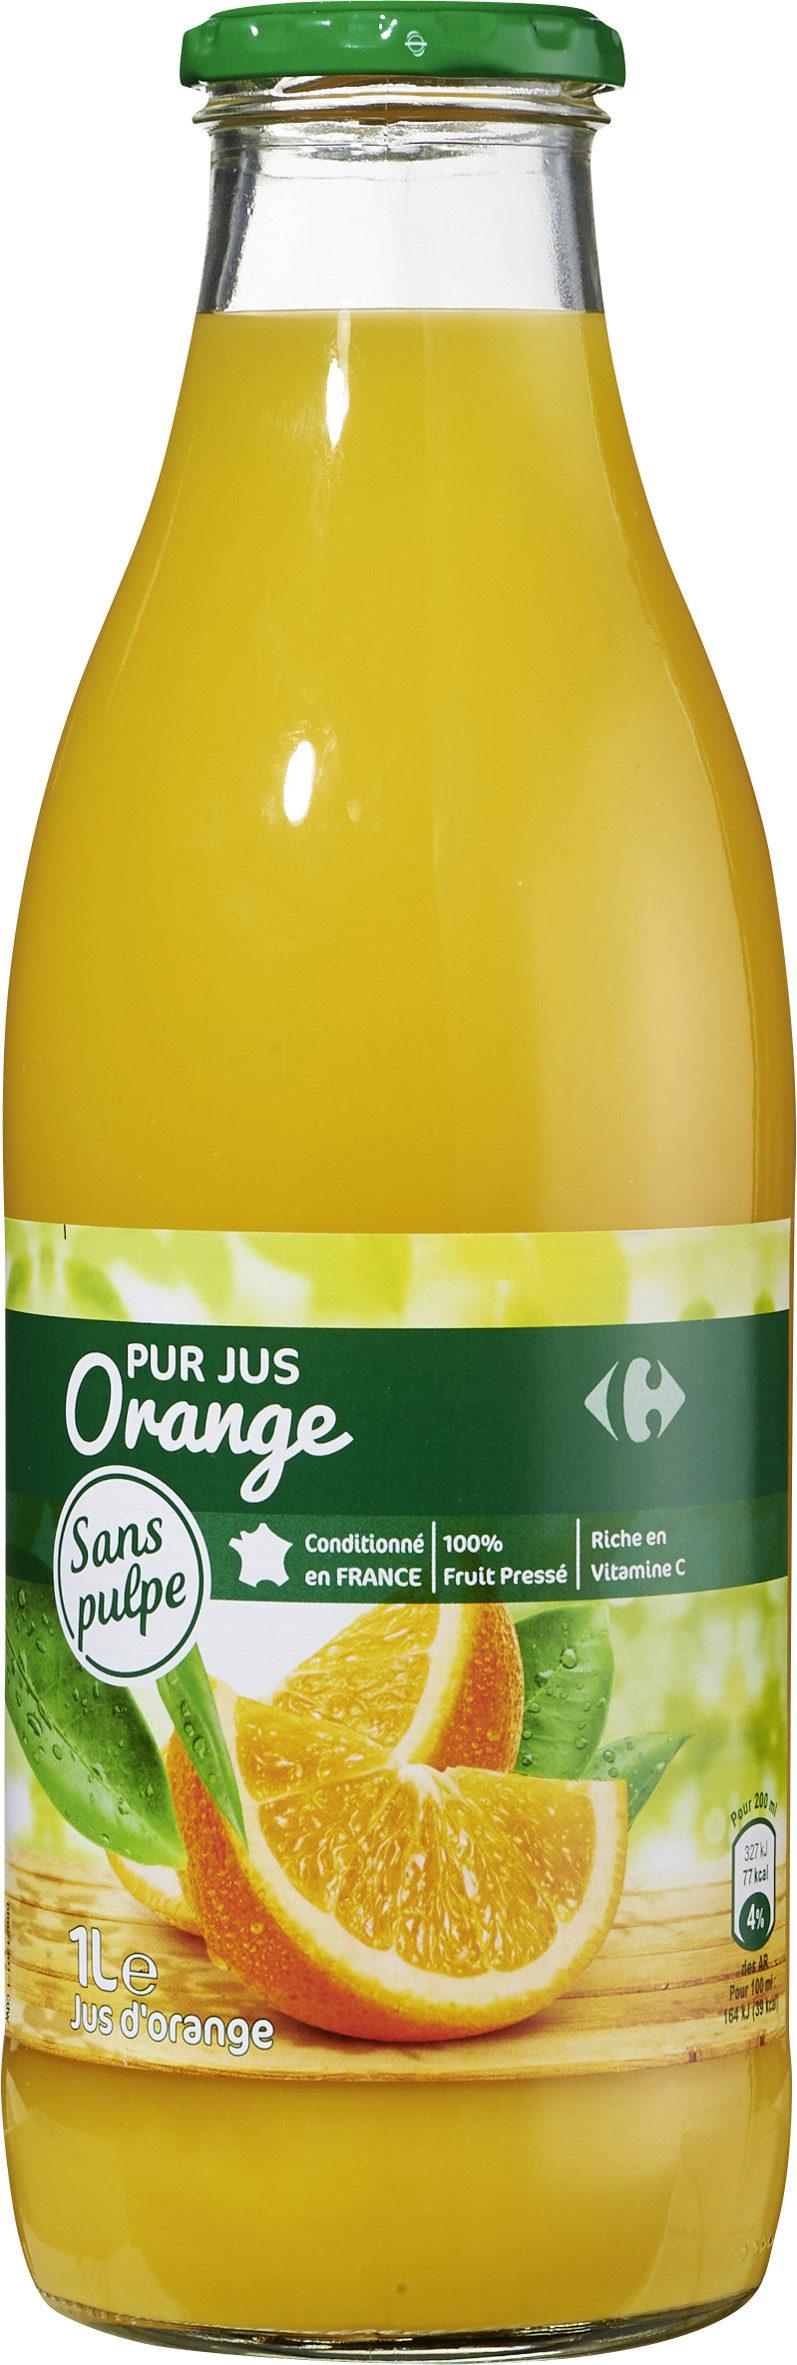 PUR JUS Orange pressé - Product - fr